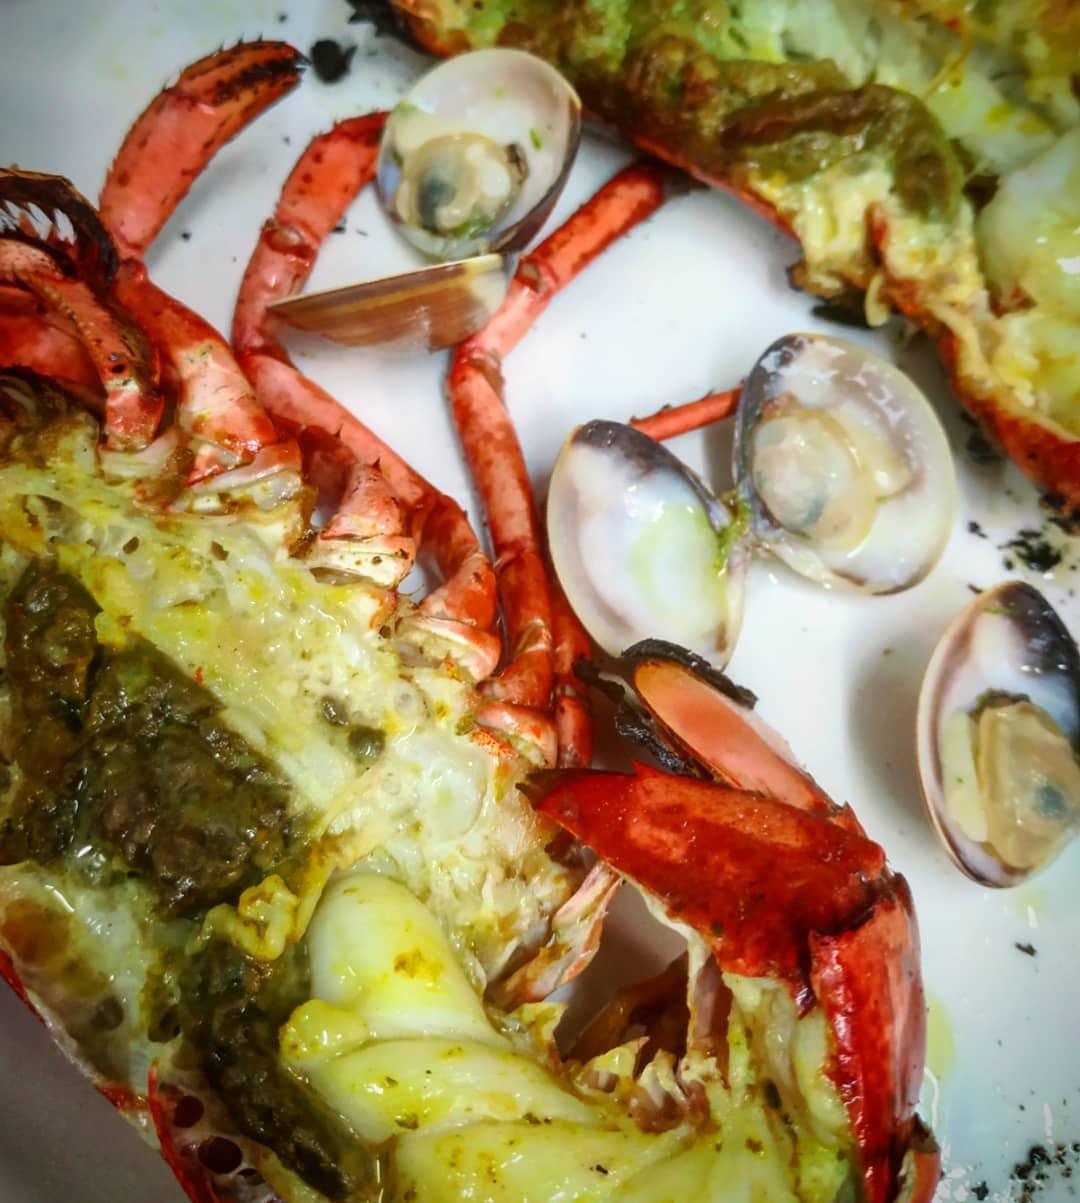 LLAMÀNTOLS - Els pescadors se'ls menjaven a la brasa. Josep Pla al seu llibre EL QUE HEM MENJAT afirma que és la millor forma de menjar aquests grans crustacis, i també les gambes